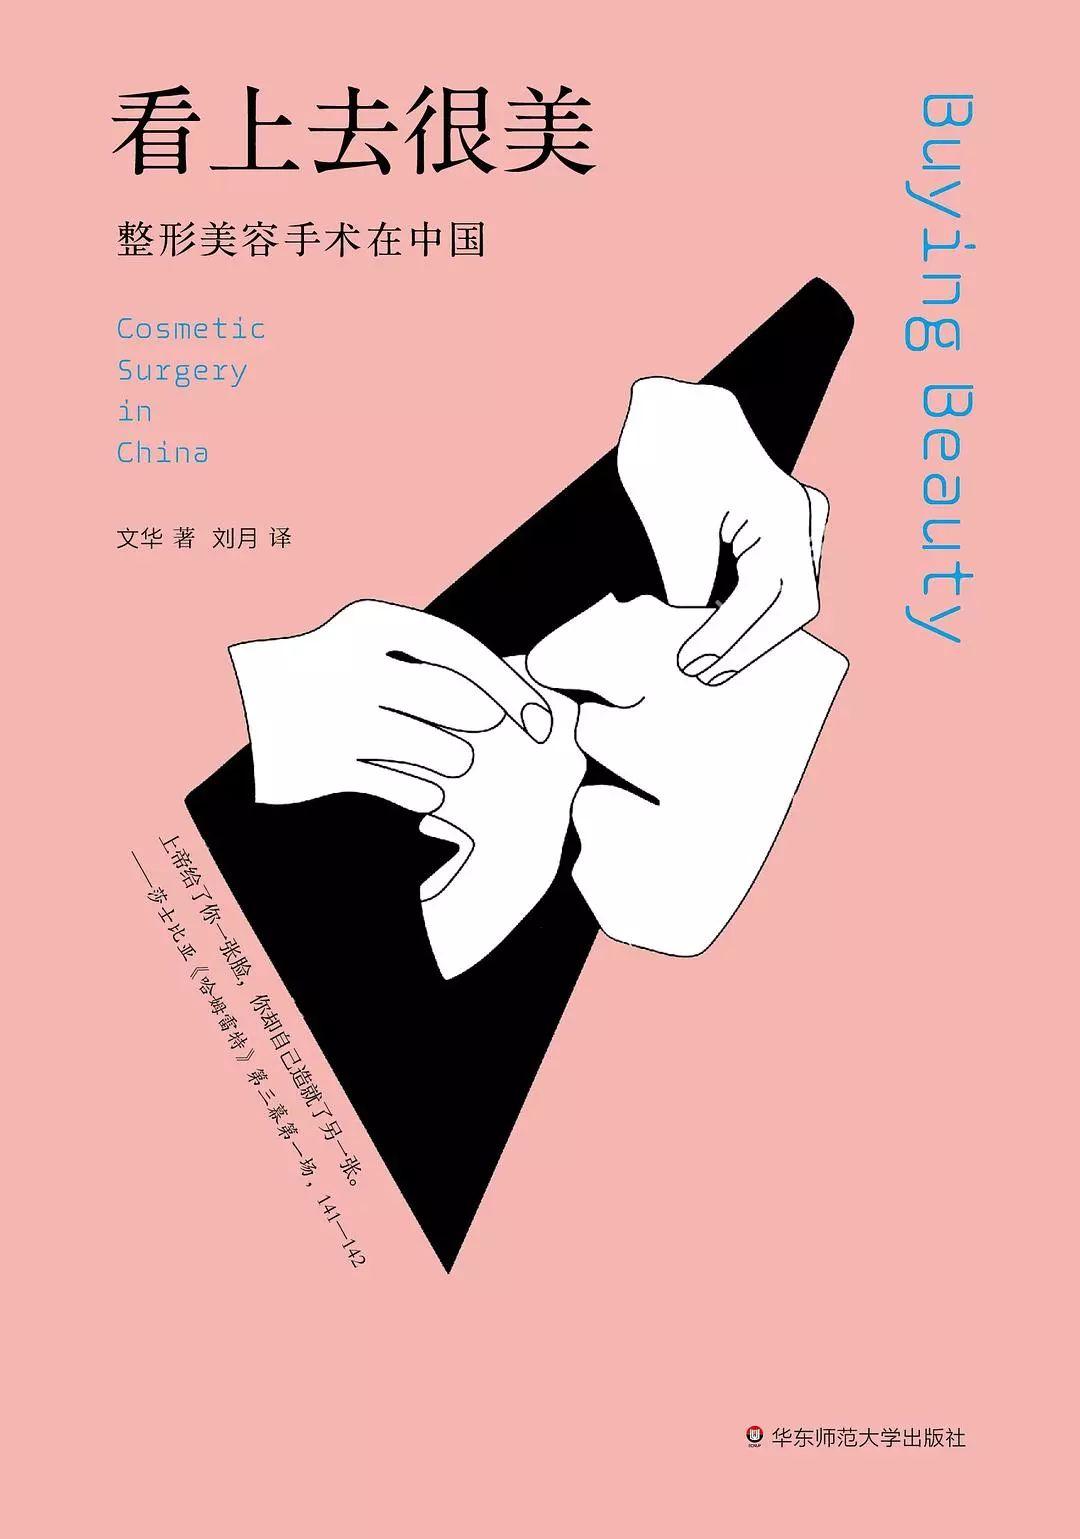 麒麟城娱乐:从人造美女到网红滤镜:中国人